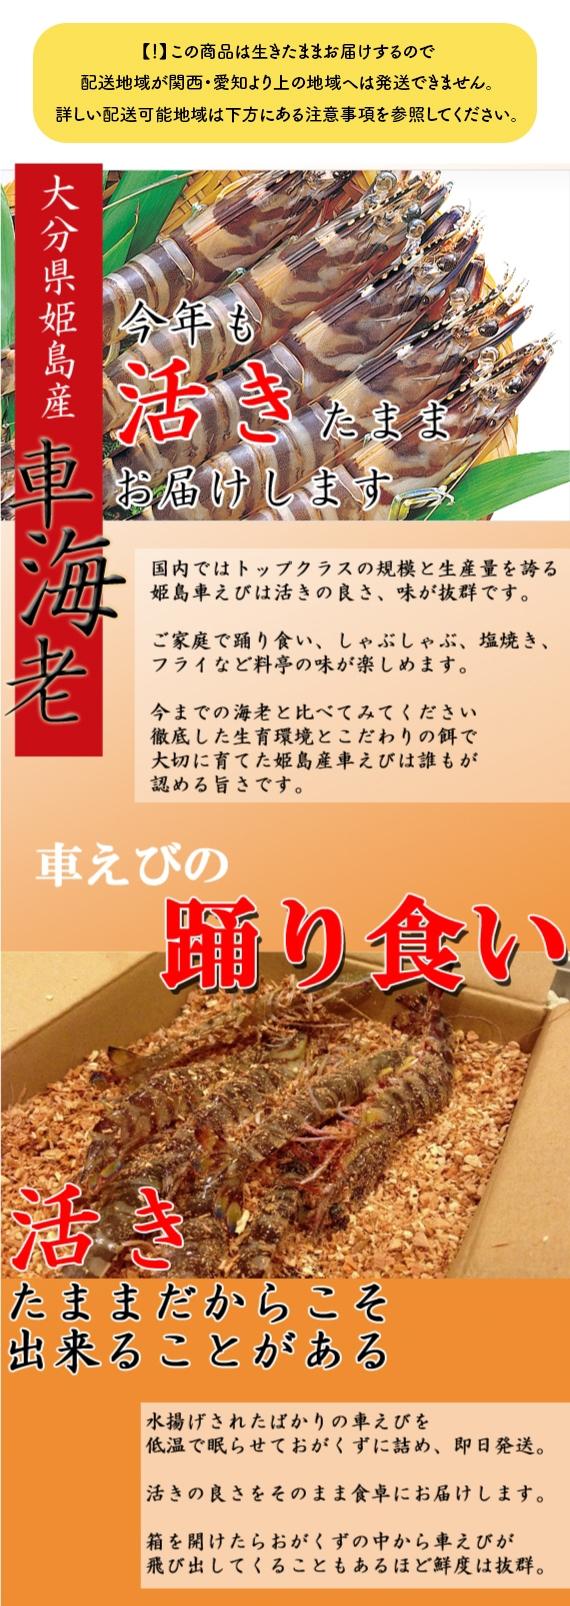 【送料無料】姫島ブランド 活き車えび 500g【エビ】